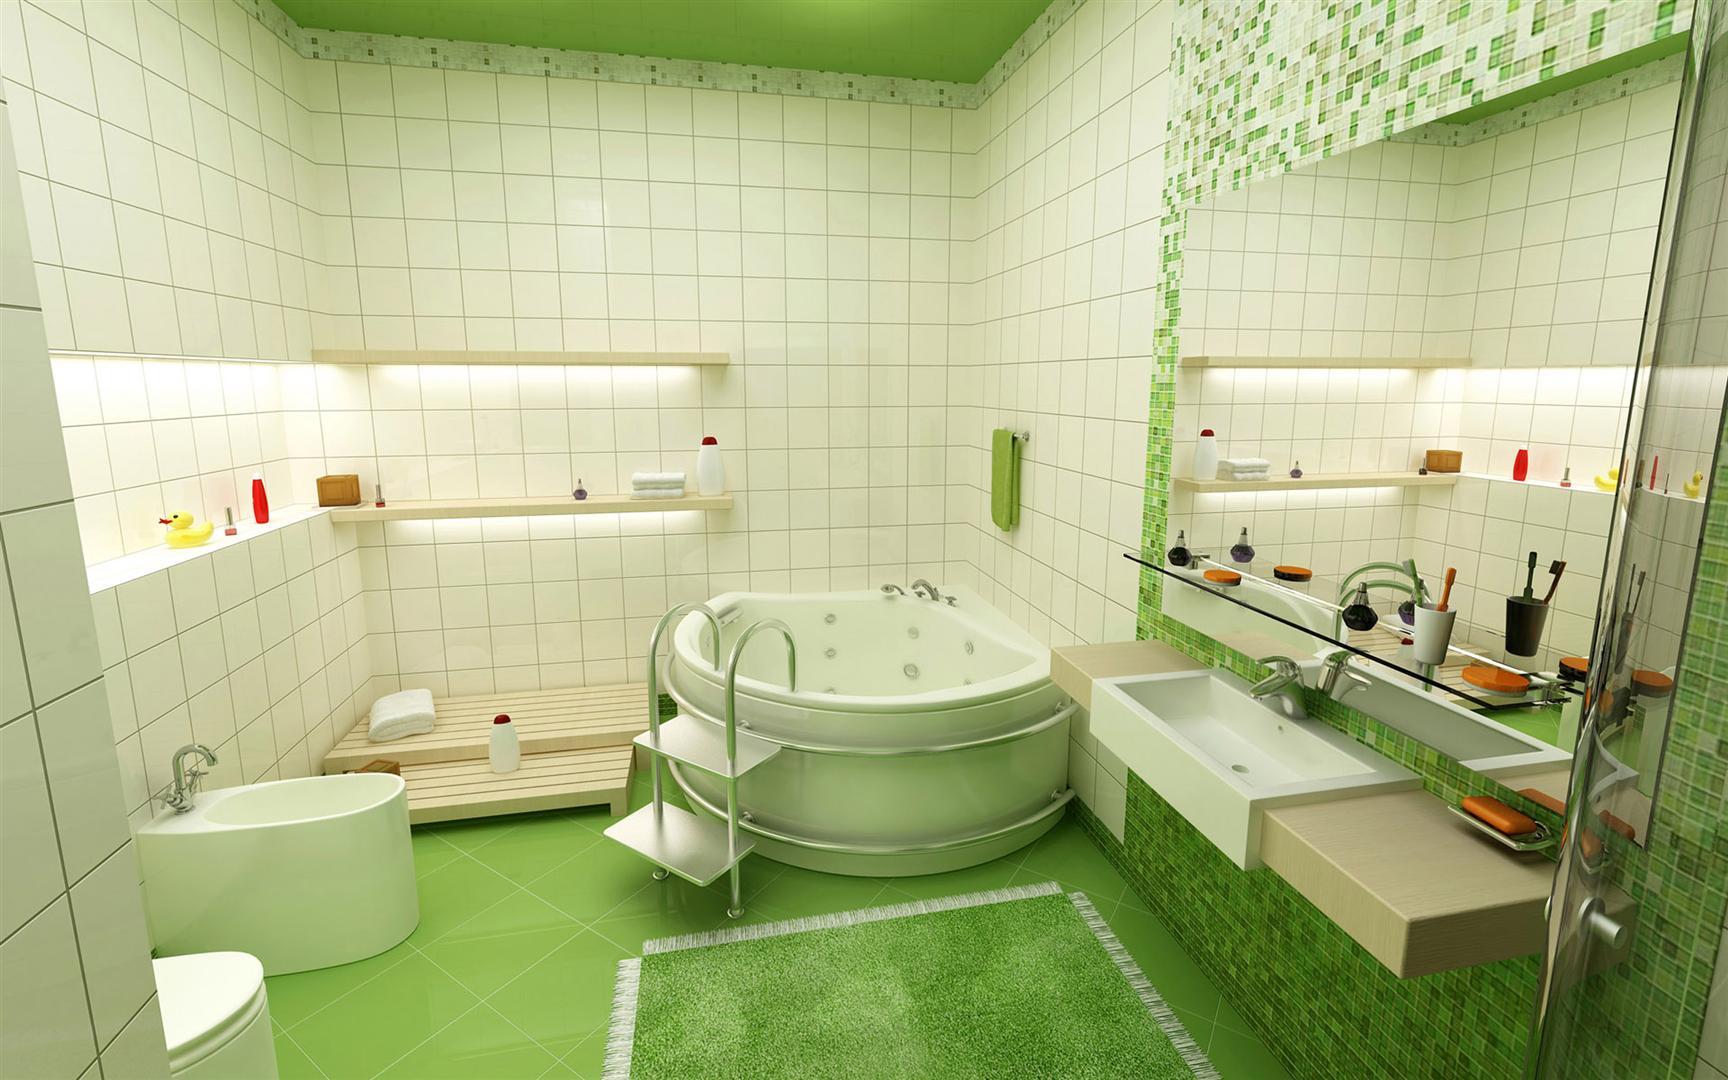 Projetos – Banheiros decorados com pastilhas verdes – Fotos #71441A 1728x1080 Banheiro Branco Com Pastilhas Verdes